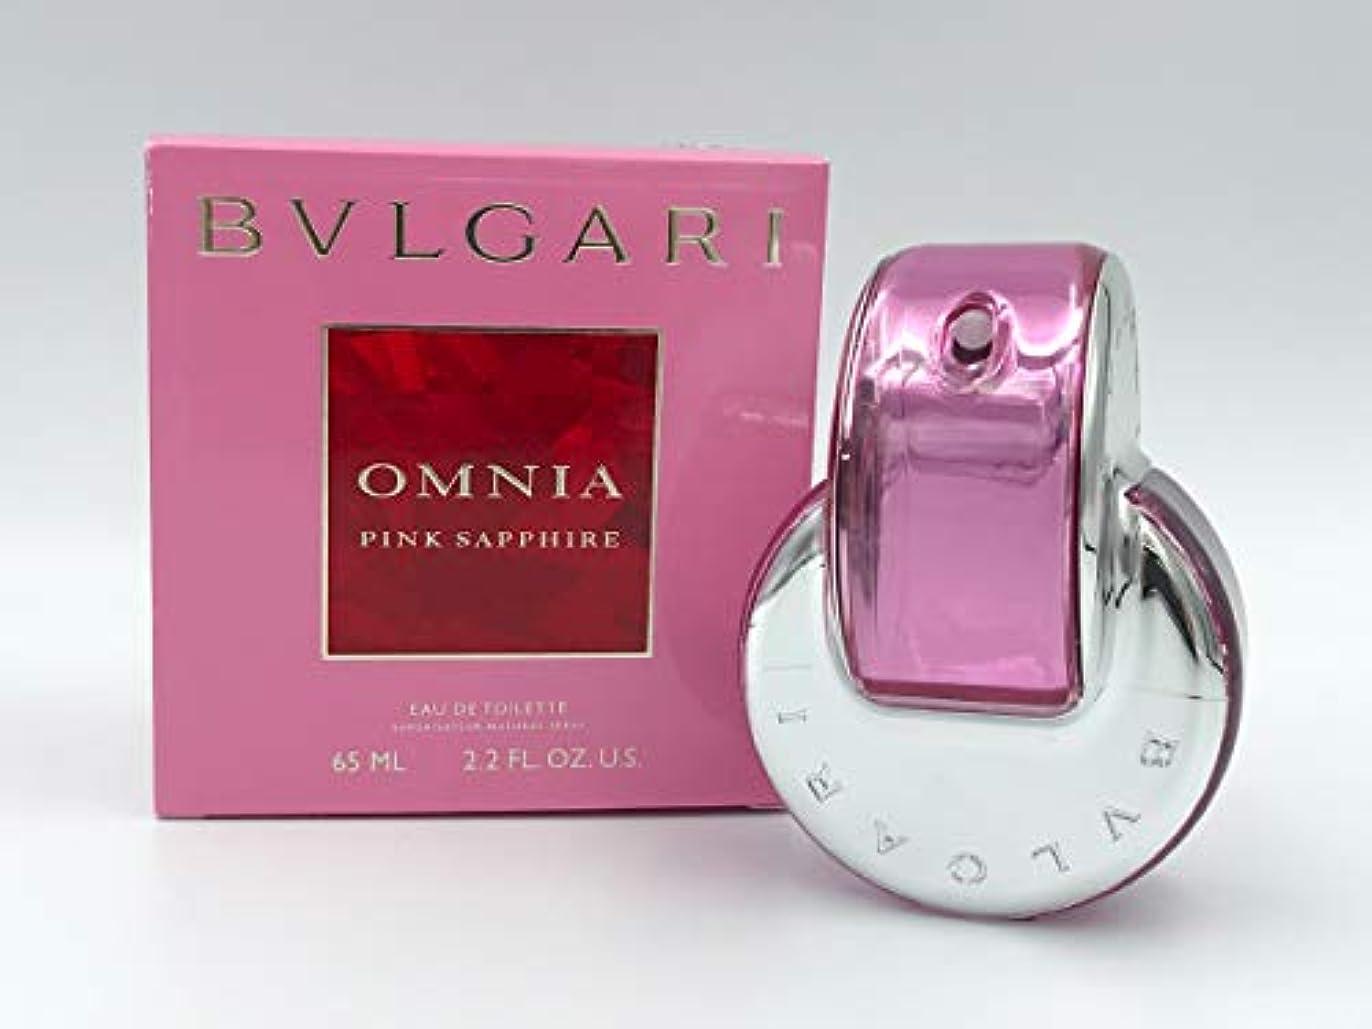 道路を作るプロセス適切な毒ブルガリ BVLGARI 香水 オムニア ピンク サファイヤ EDT 65ml オードトワレ レディース (香水/コスメ) 新品 [並行輸入品]